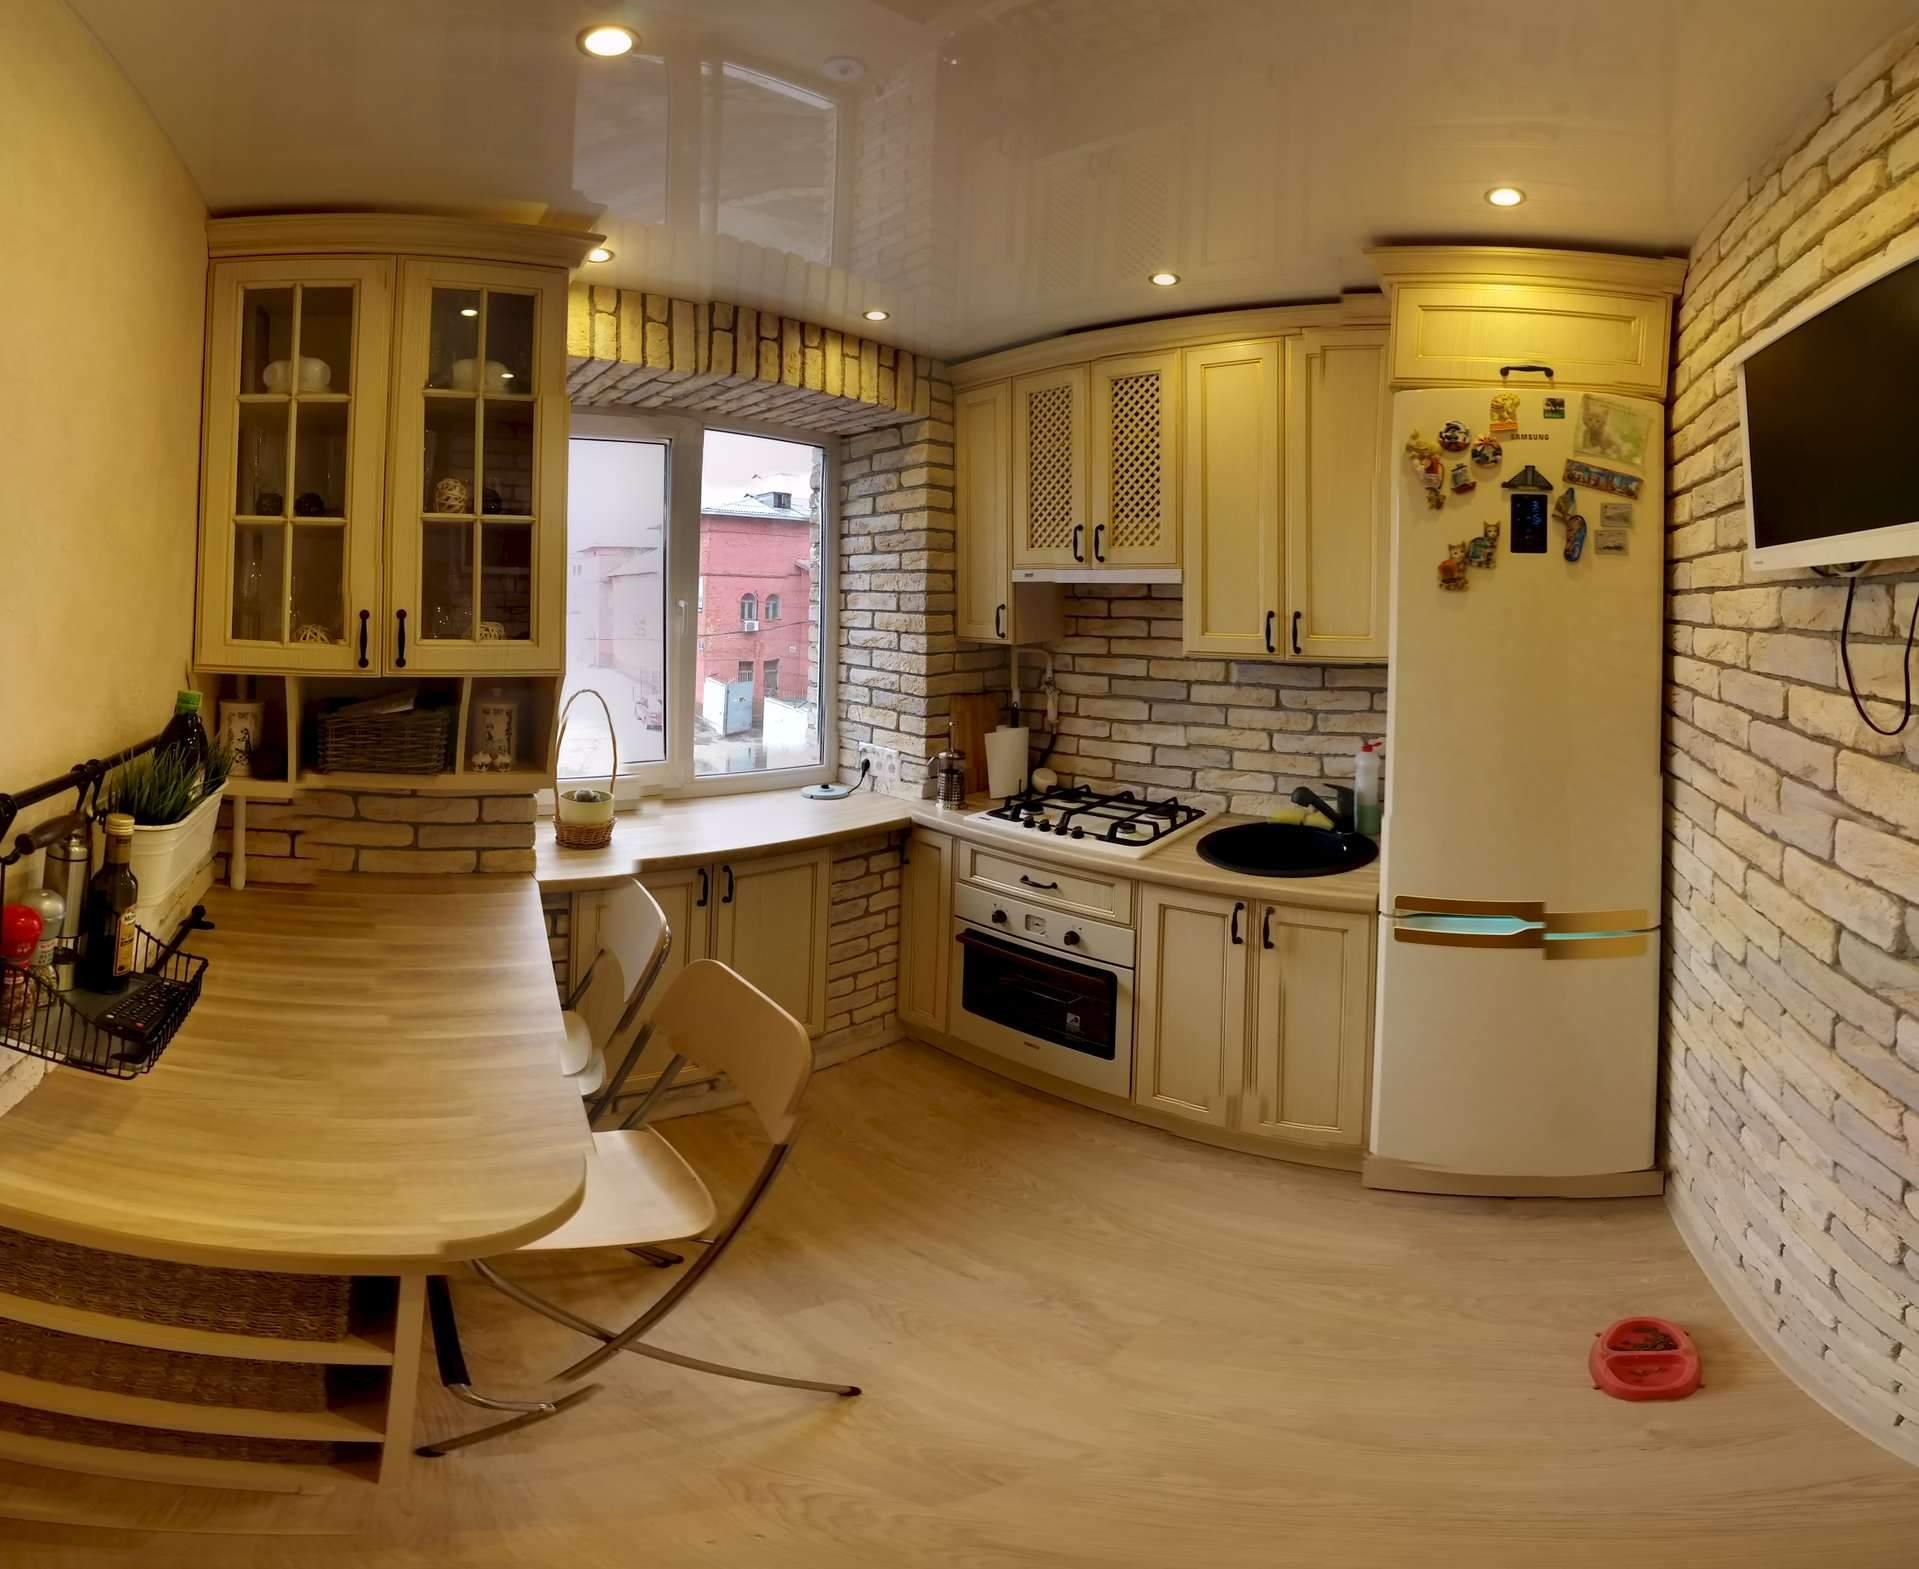 Проекты домов на две семьи: готовые и типовые Каталог